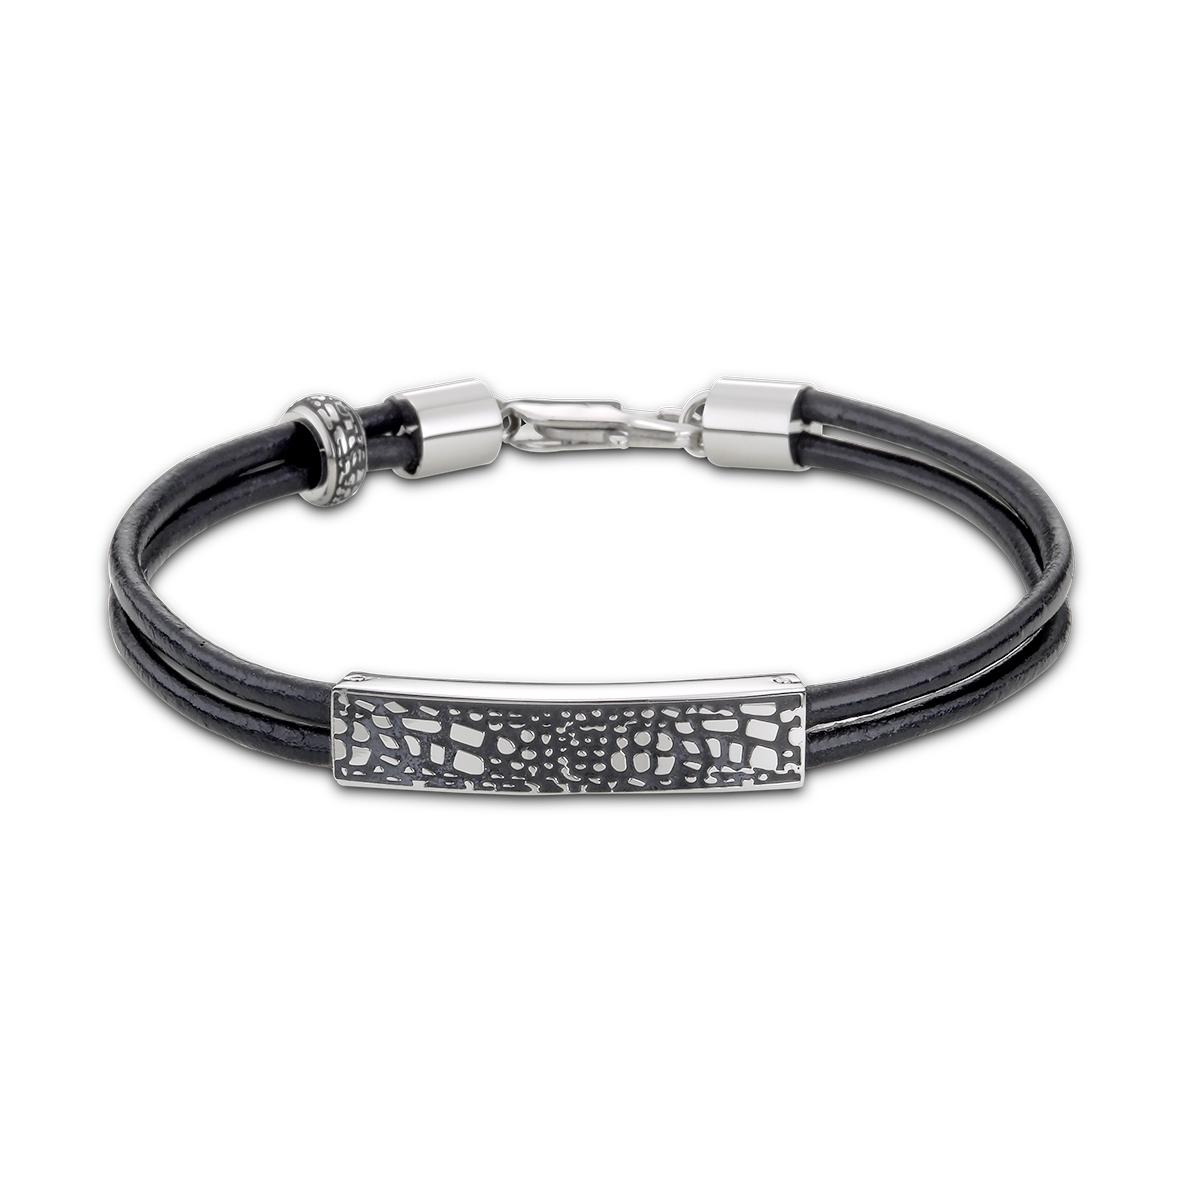 CIM175 黑色網狀花紋真皮手環